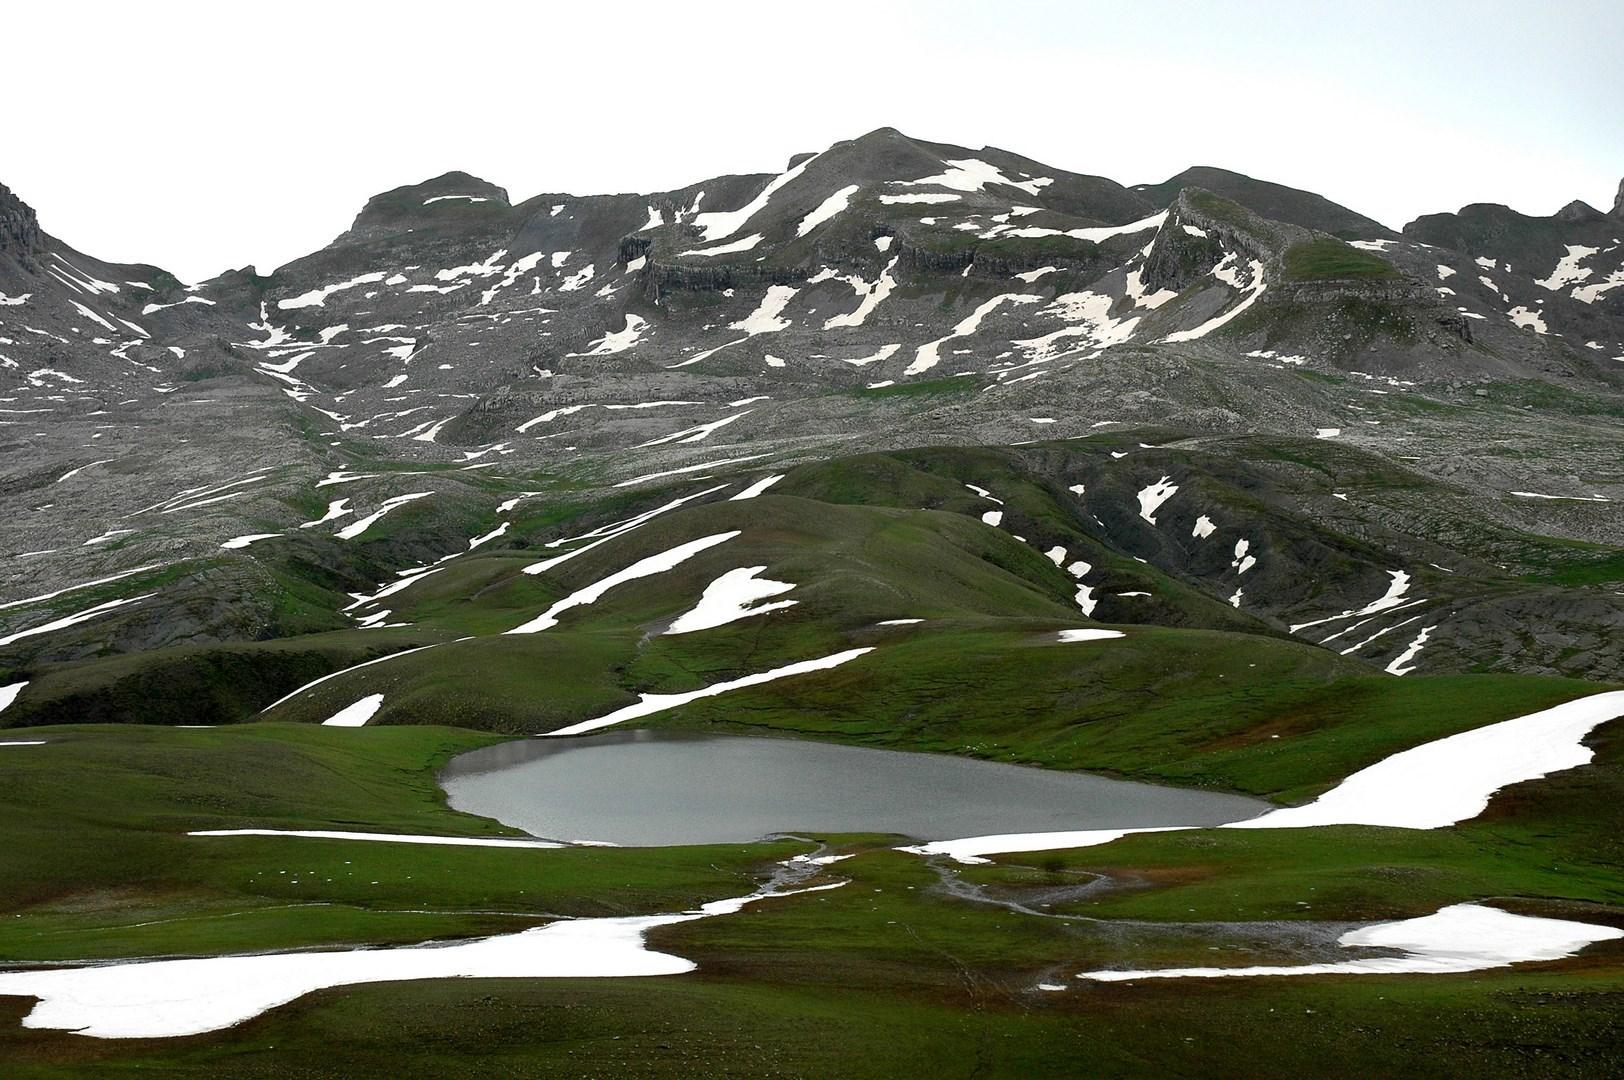 Λίμνη Ρομπόζη και οροπέδιο Τύμφης